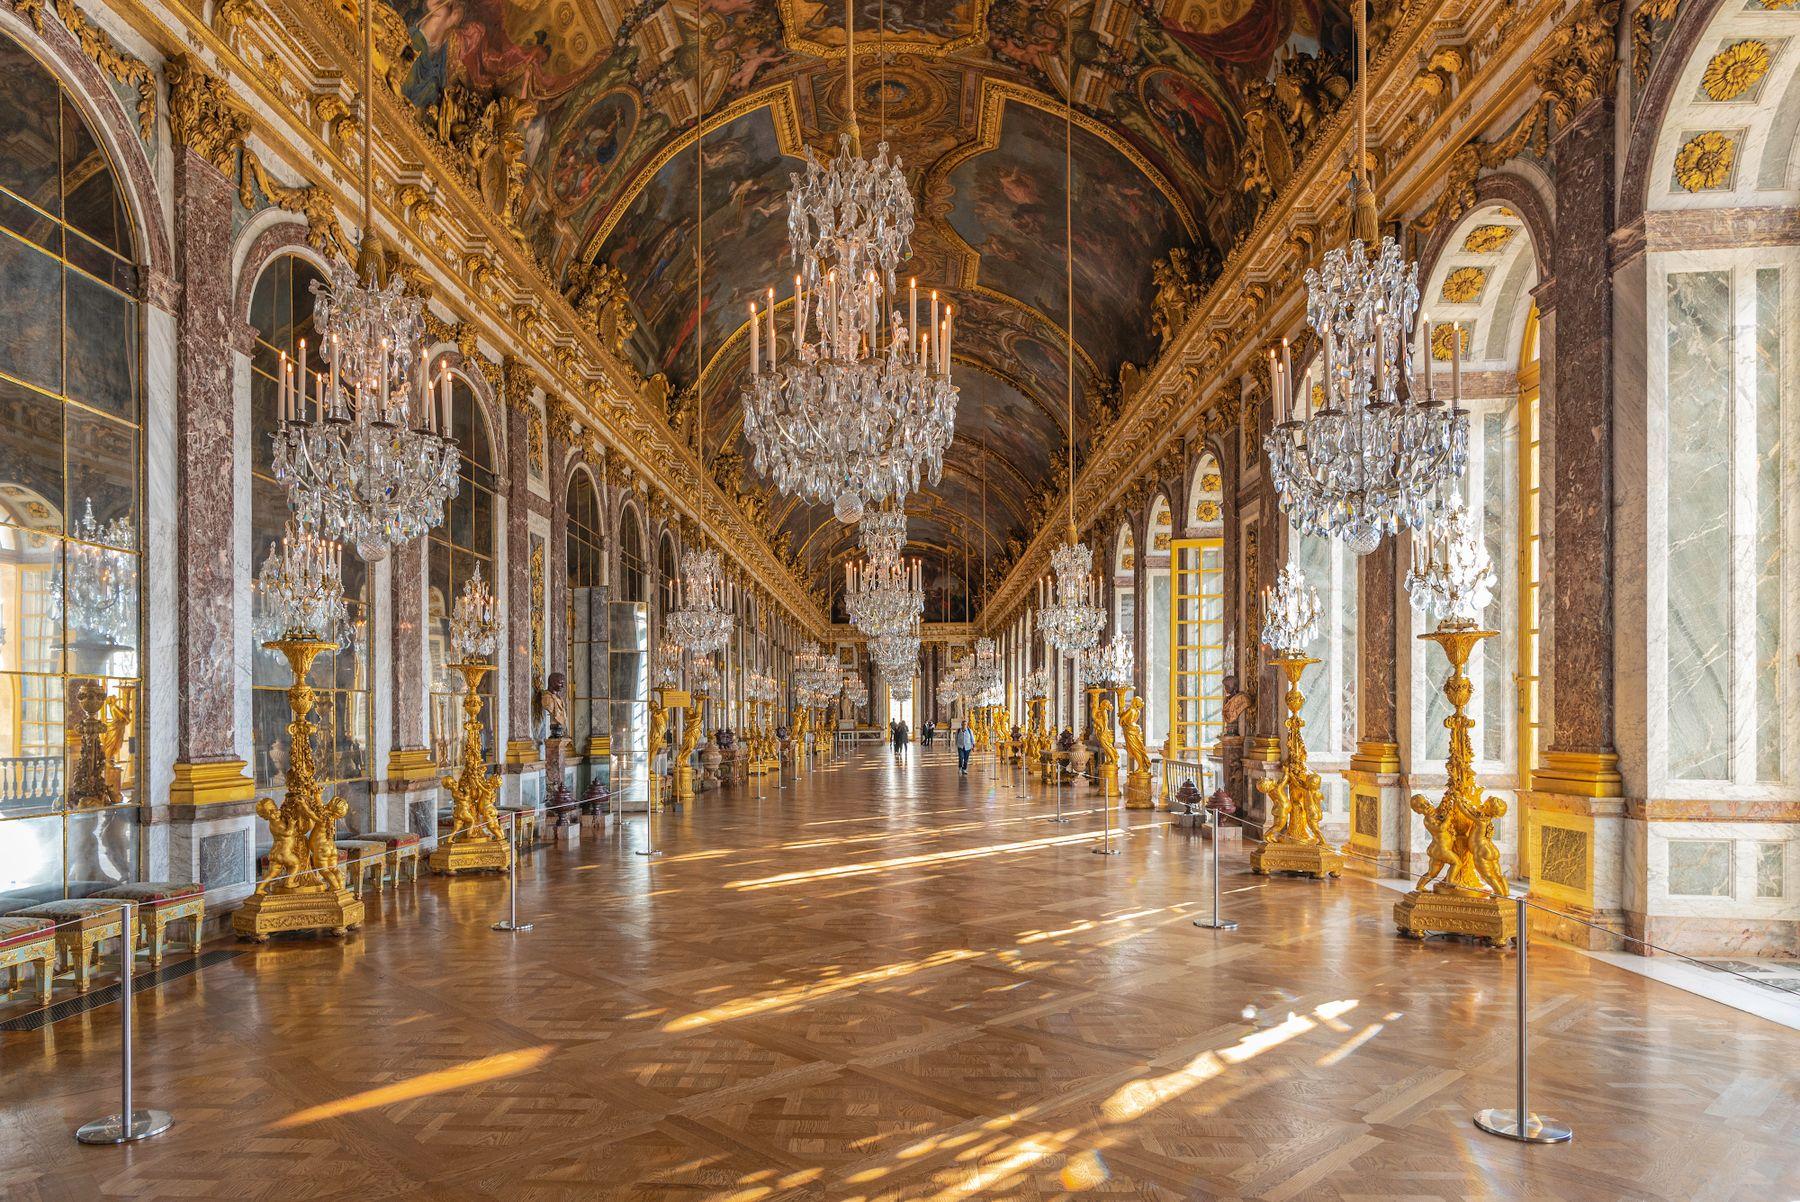 Зеркальный зал Версальского дворца Франция Версаль зеркальный зал